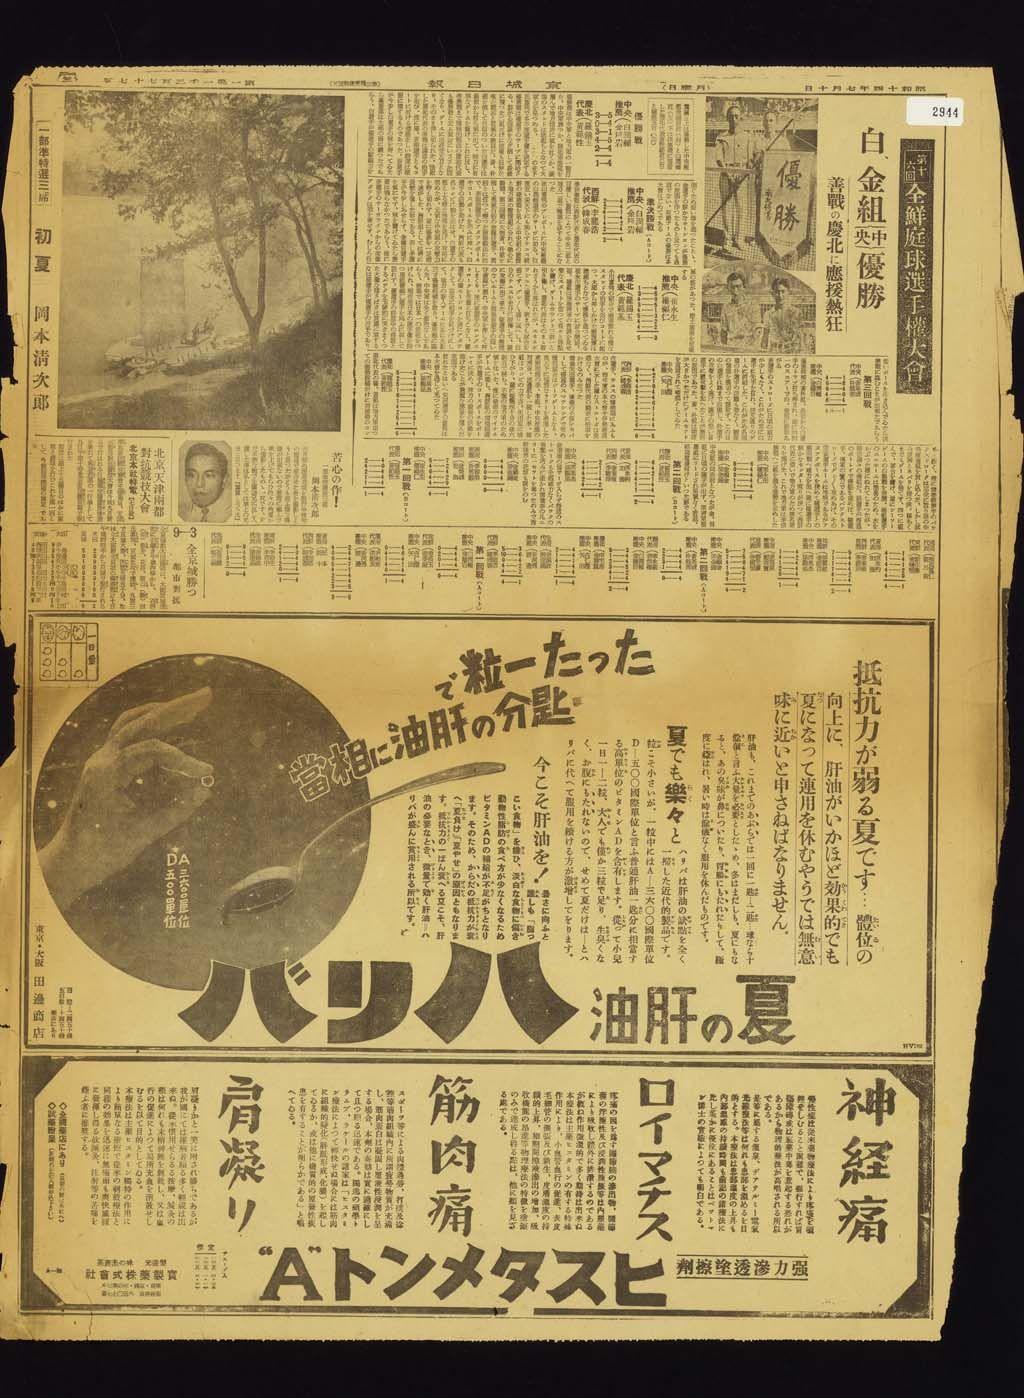 京城日報 第 11377 号、3 面、昭...